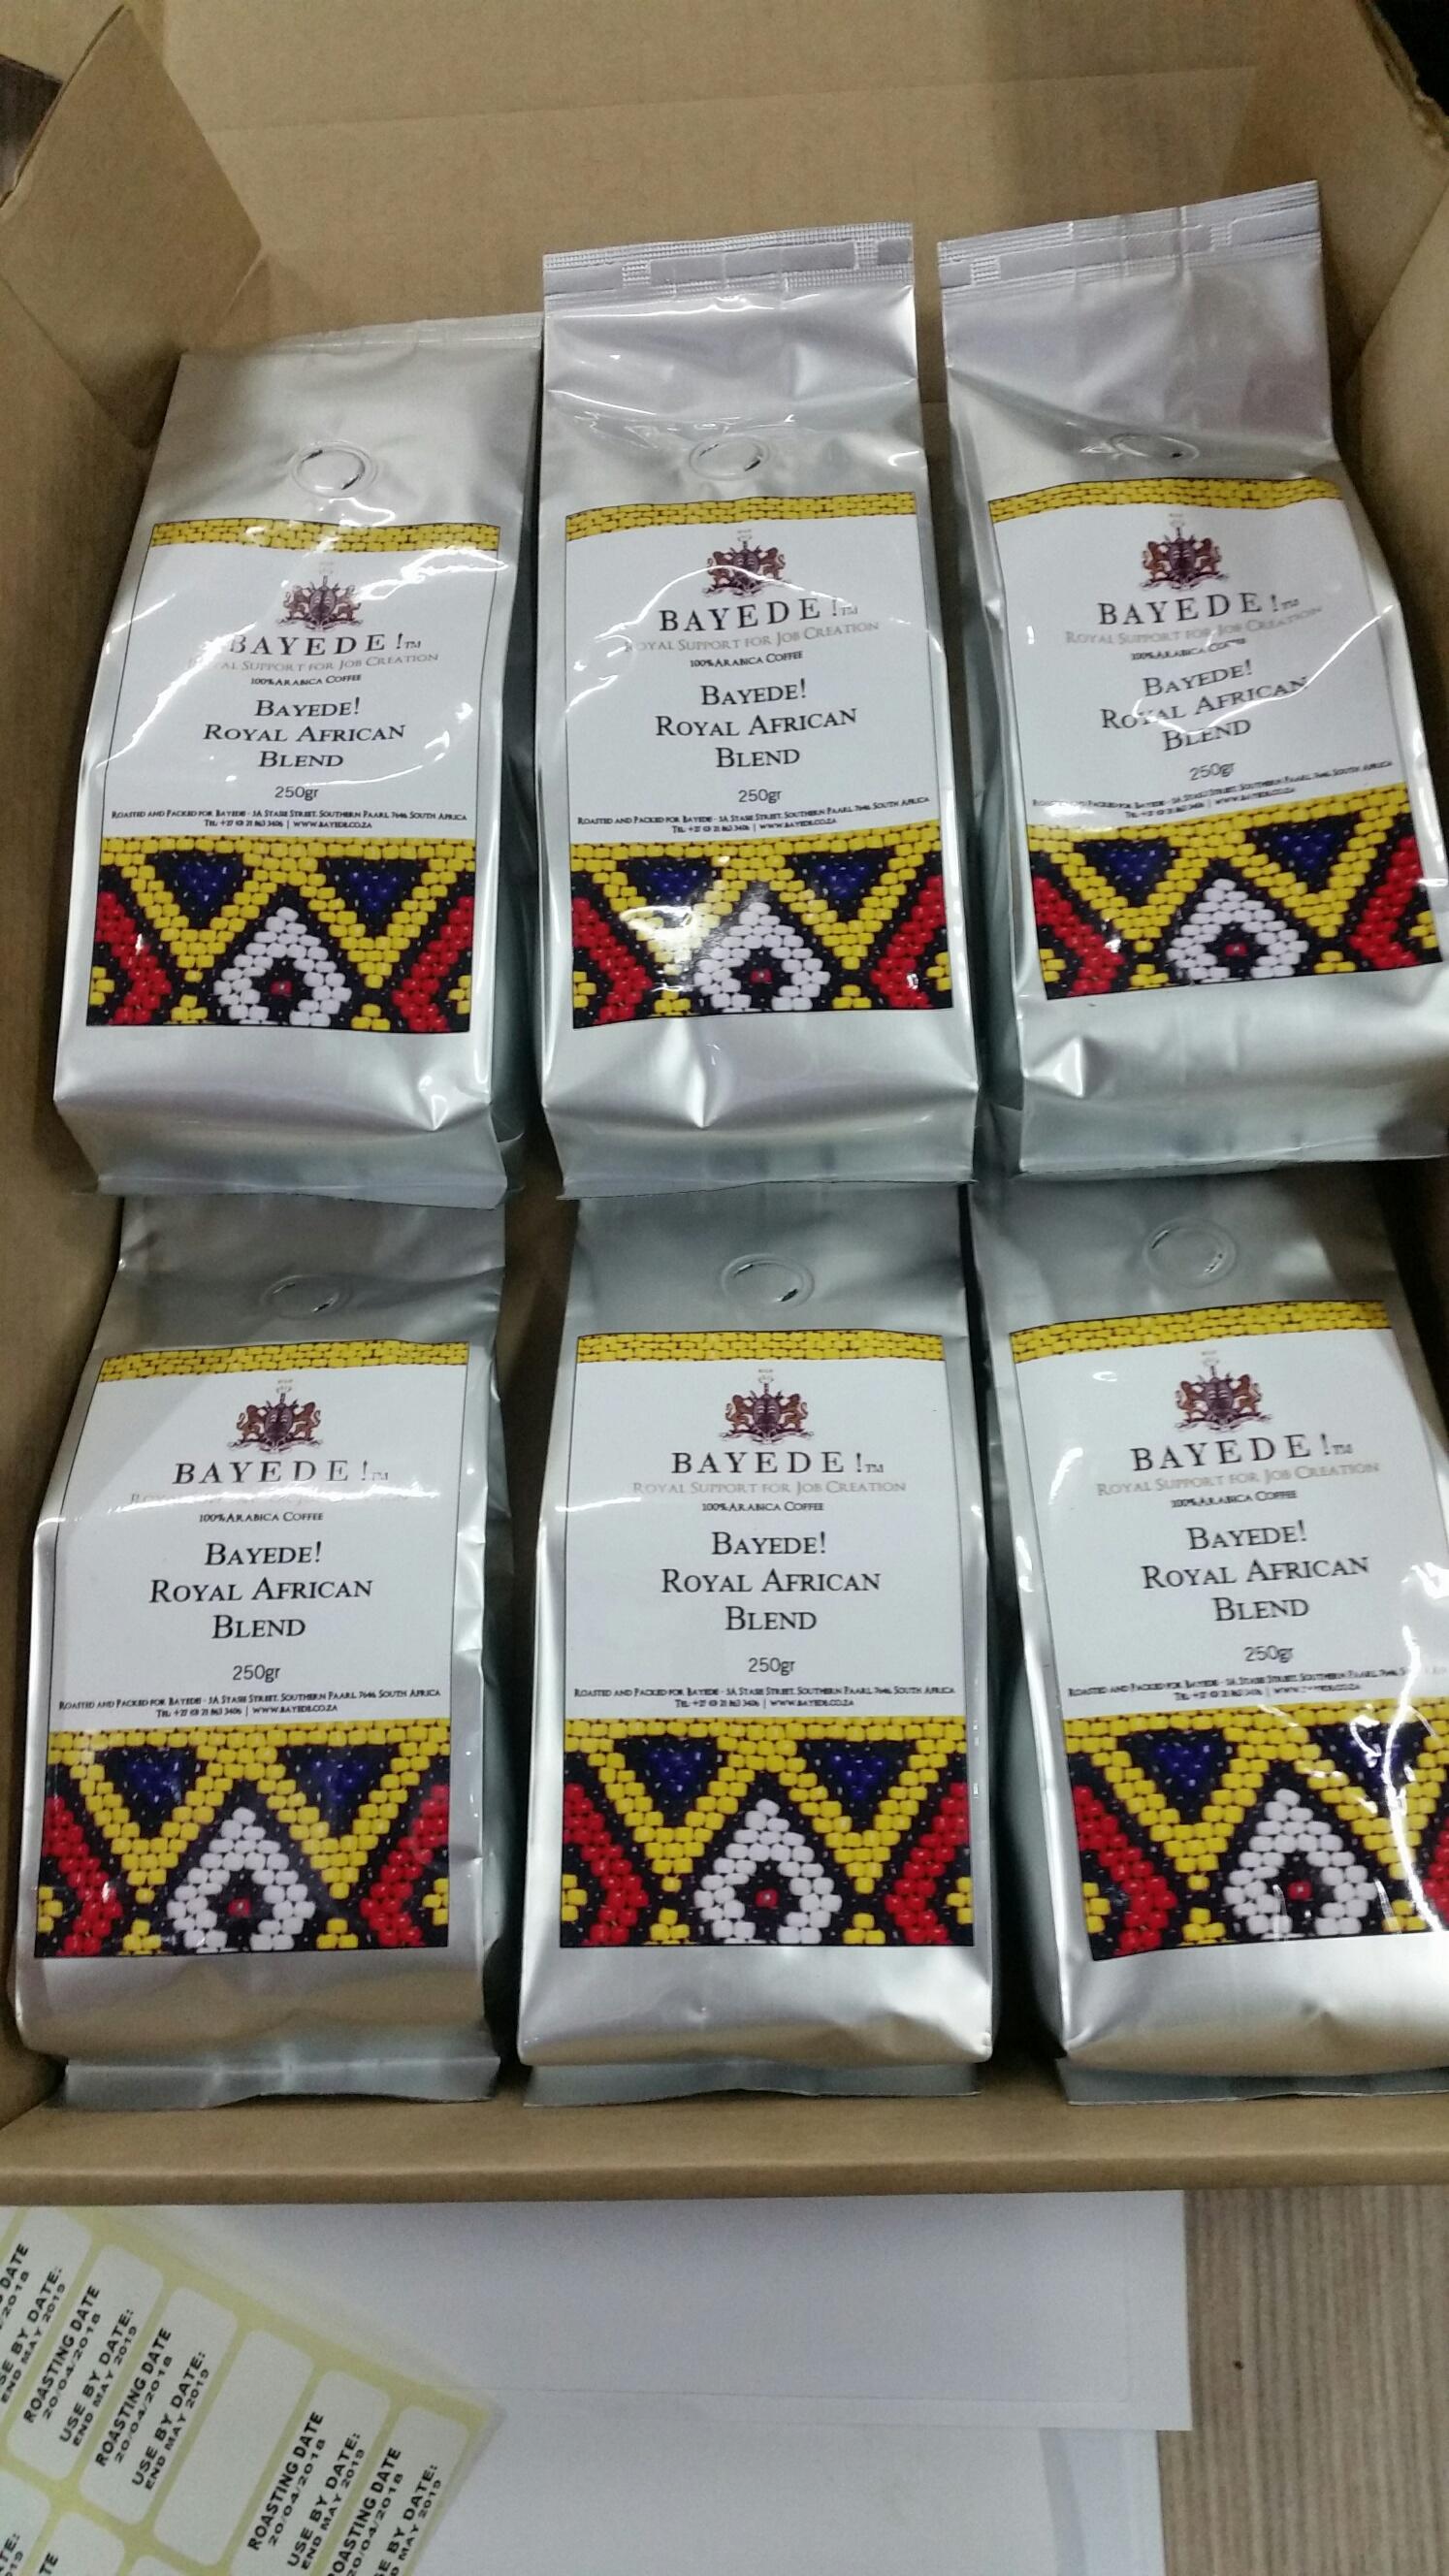 Bayede! Coffee